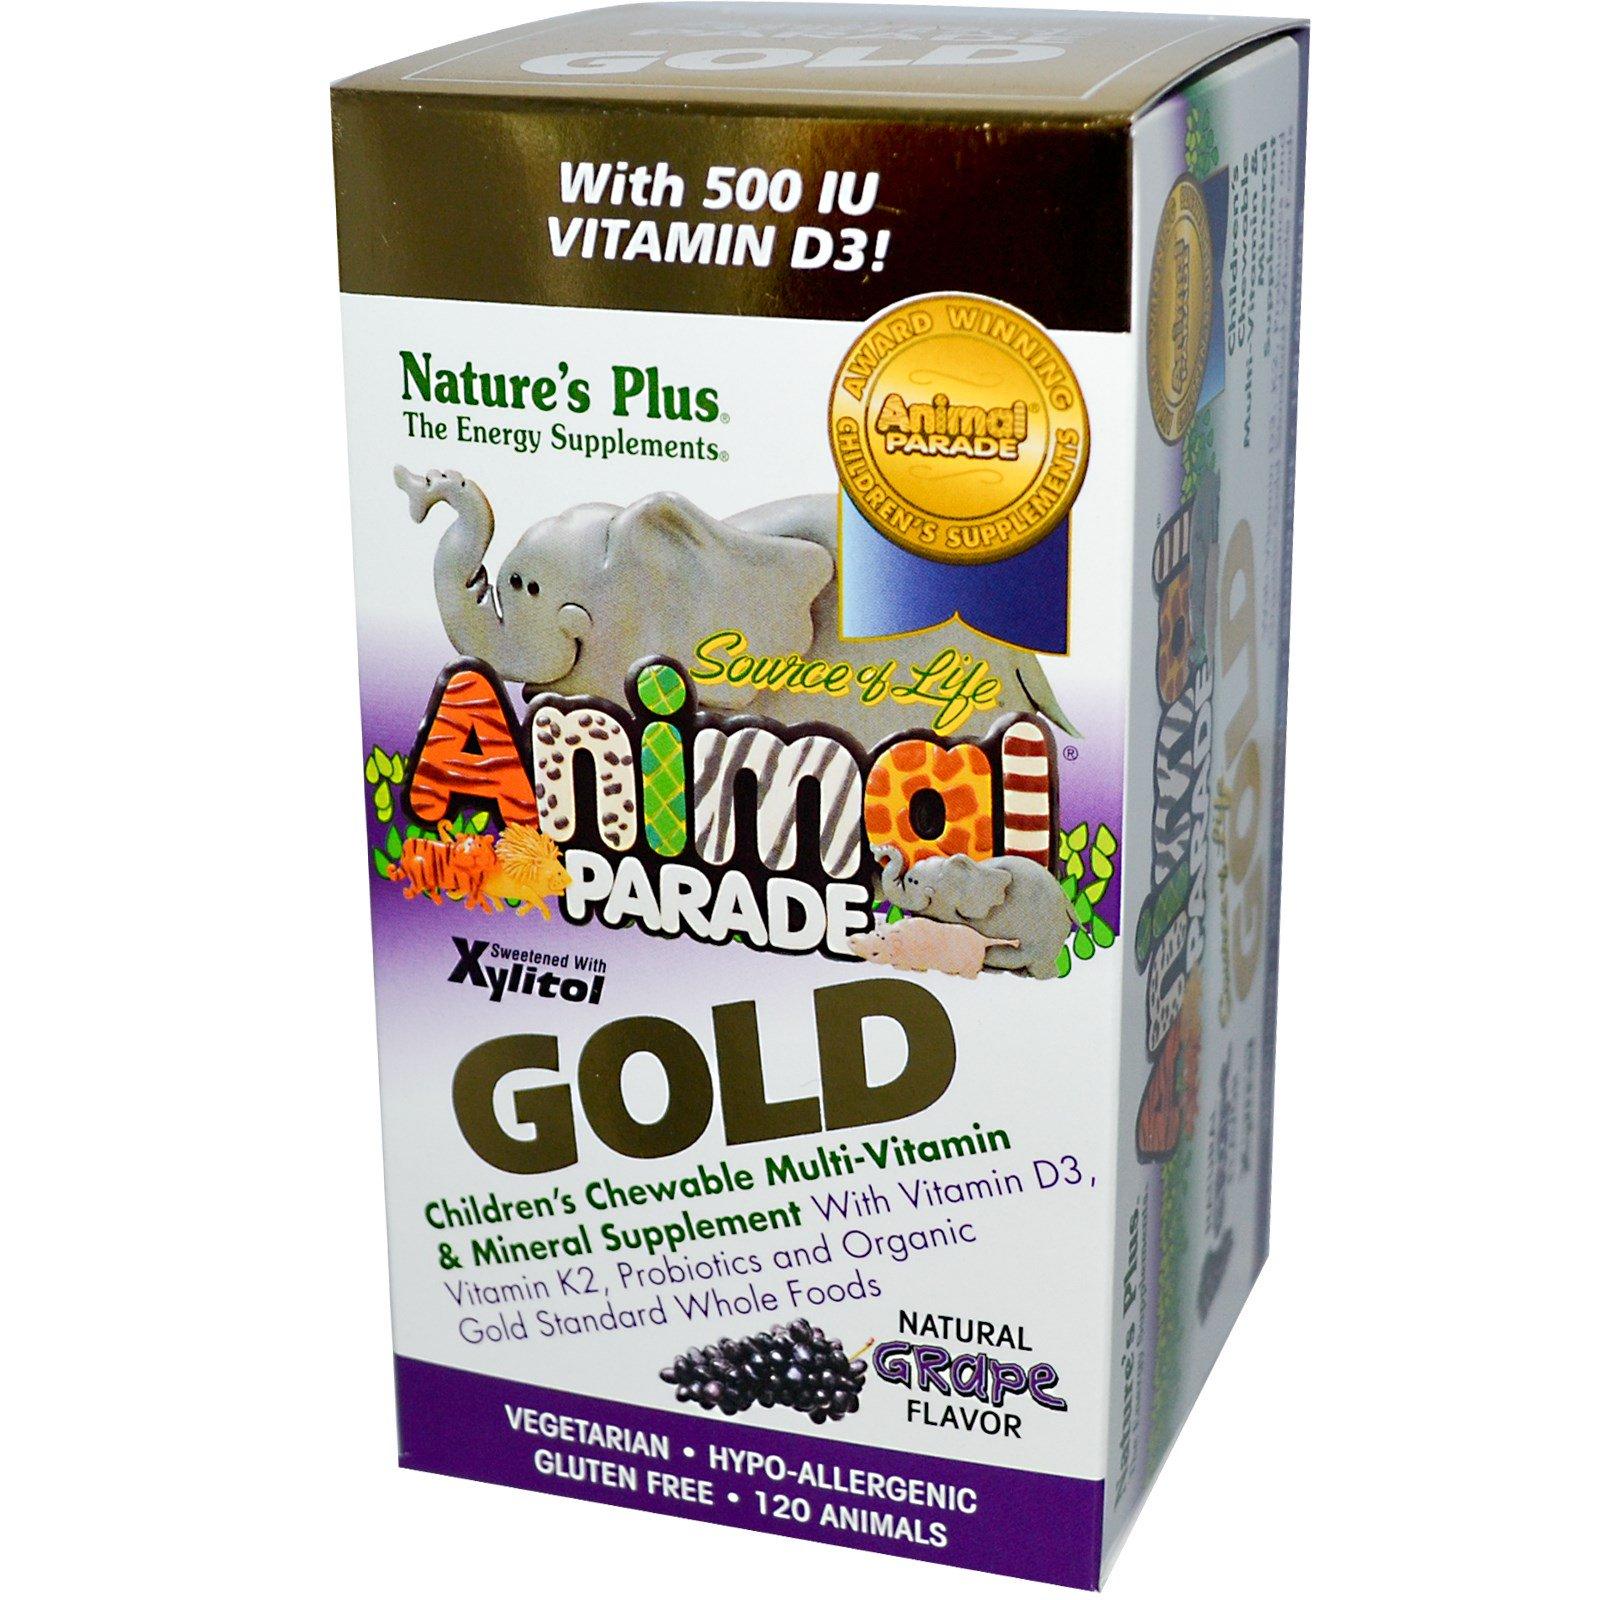 Nature's Plus, Source of Life Animal Parade, Gold, детские жевательные мультивитамины и минералы с натуральным вкусом  винограда, 120 таблеток в форме зверюшек